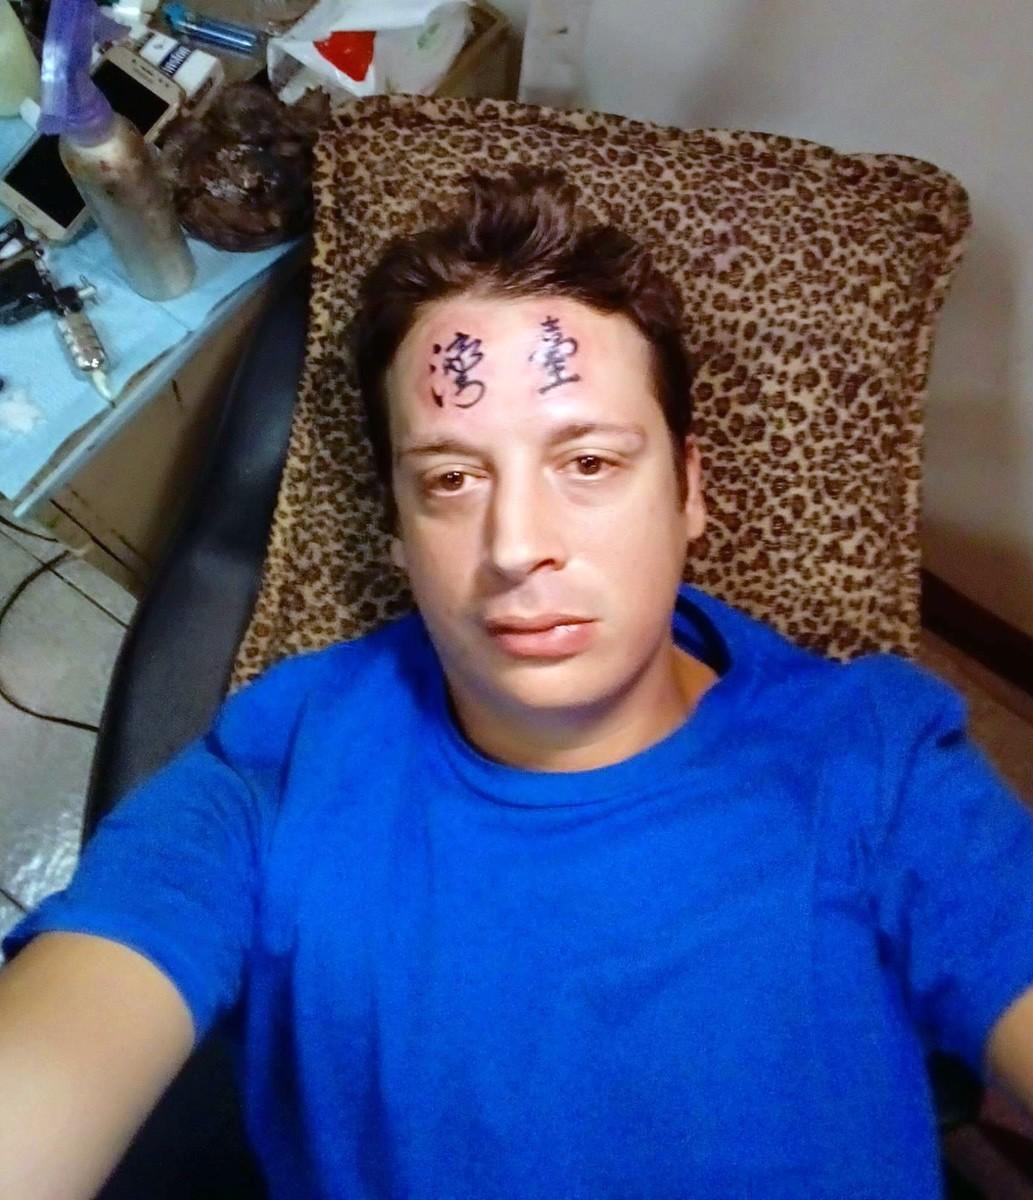 татуировка на лице, тайвань, независимость, пол фиррелл, англичанин